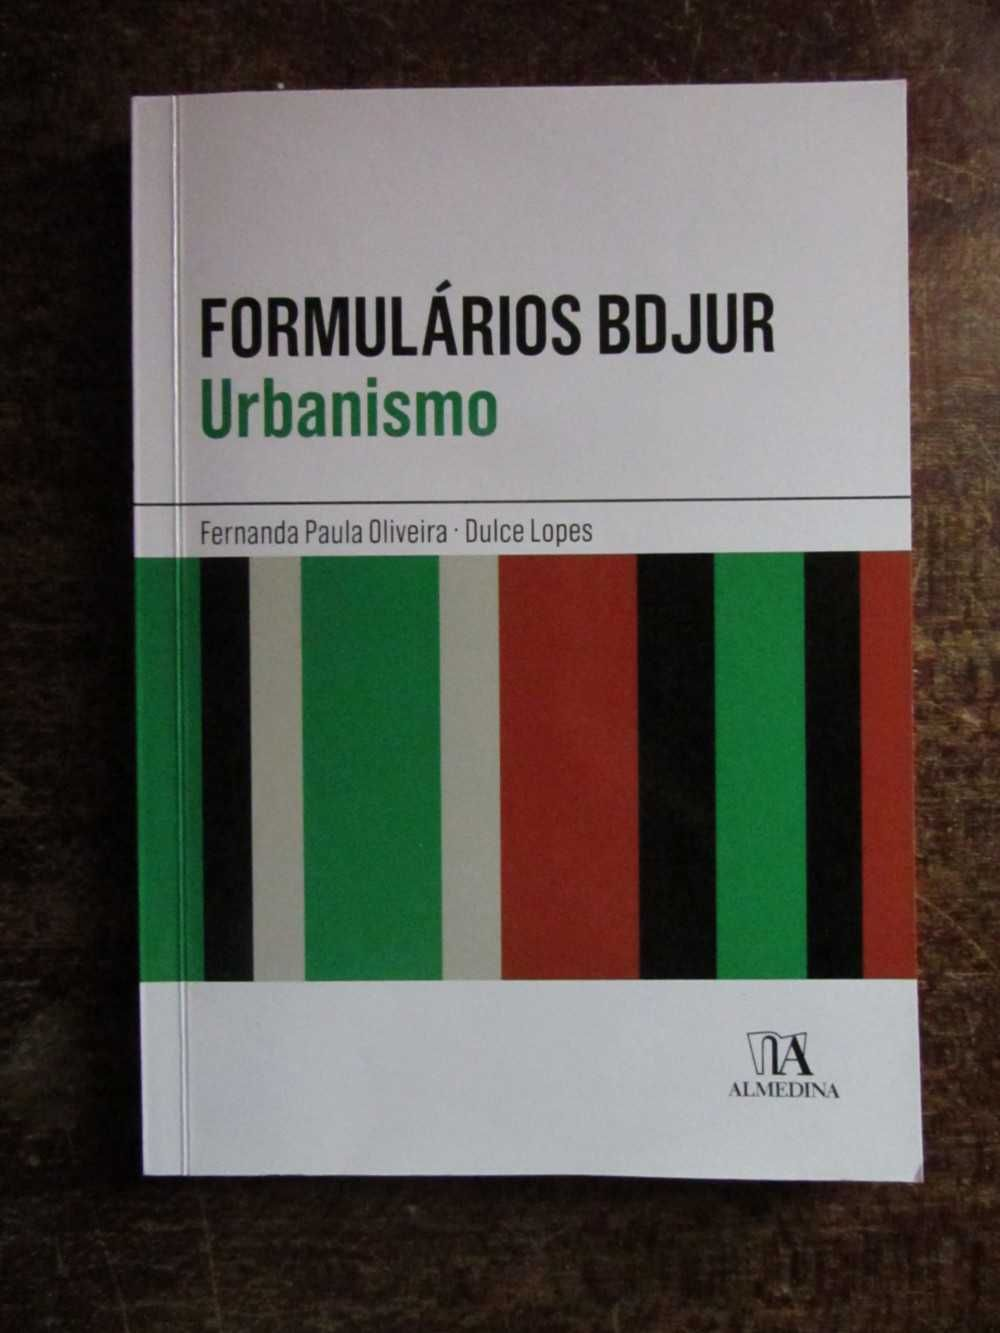 Formulários BDJUR - Urbanismo de Fernanda Paula Oliveira e Dulce Lopes